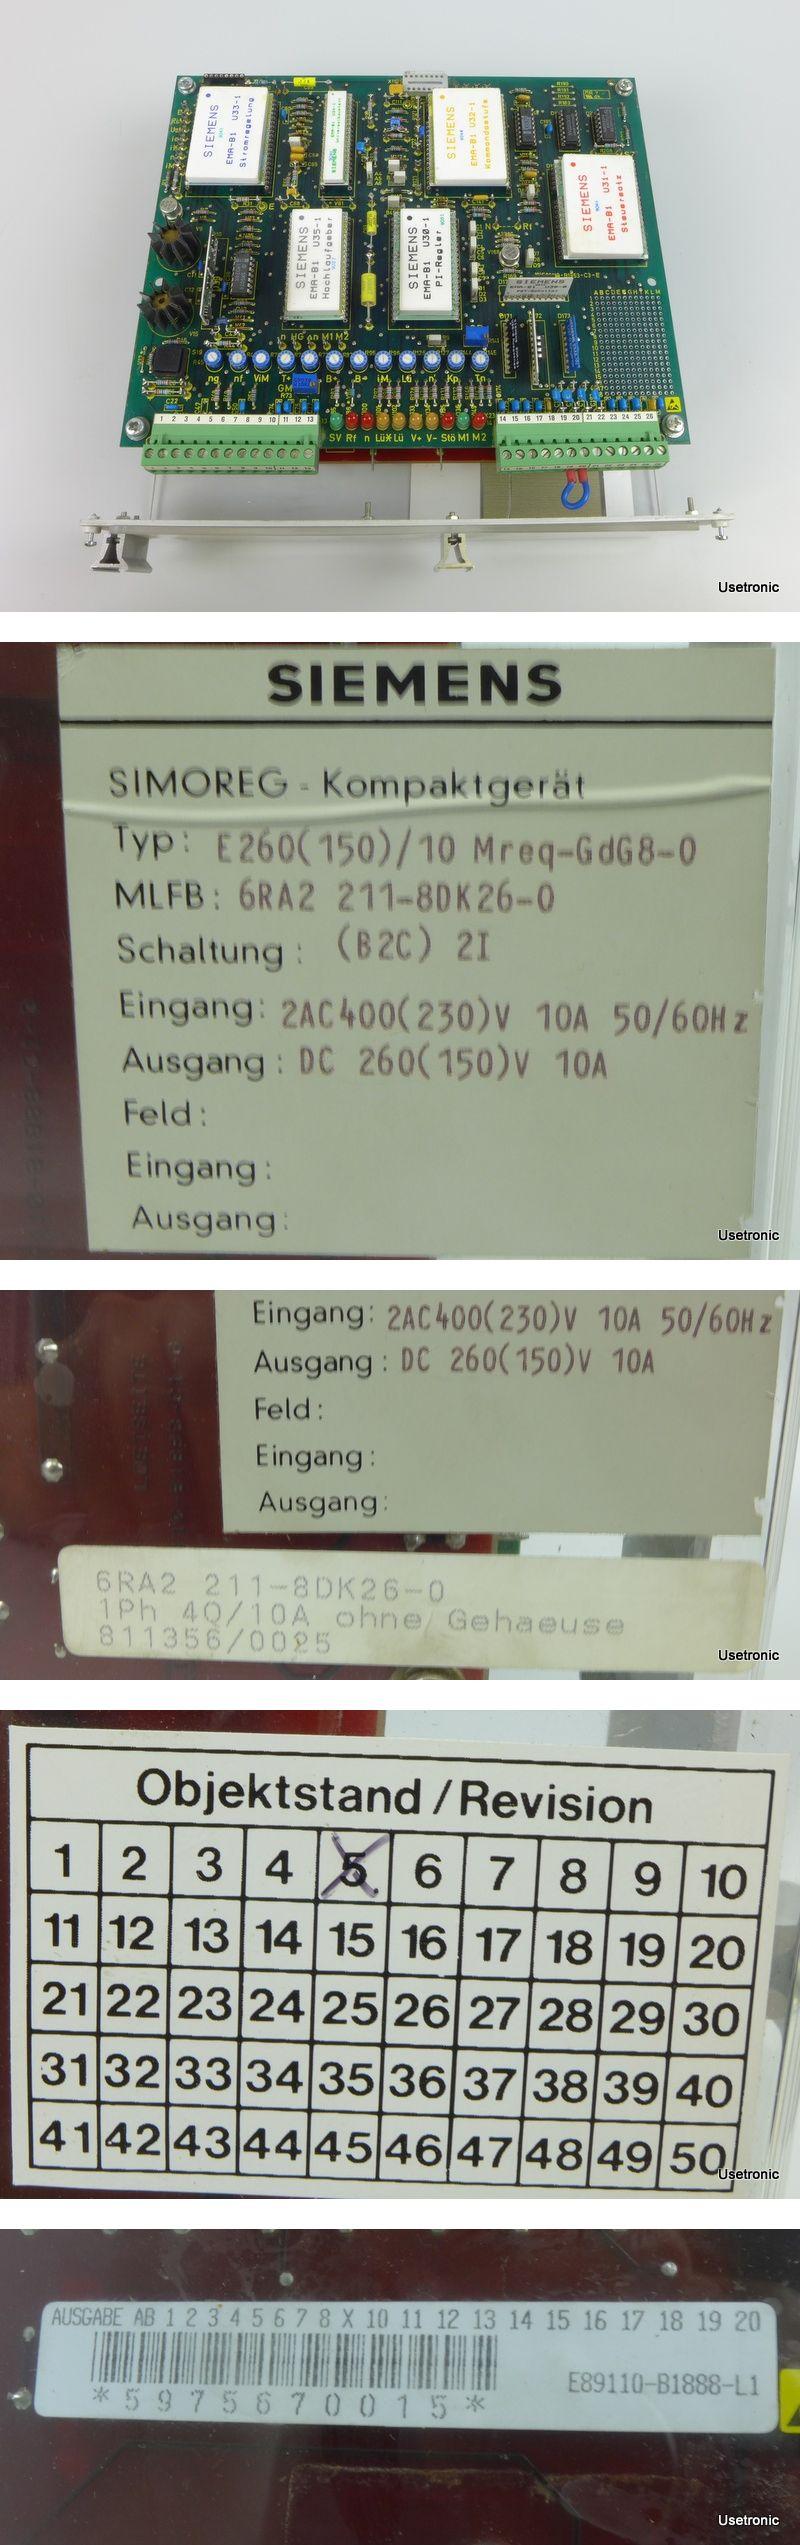 Siemens Simoreg E260(150)10Mreq-GdG8-0 6RA2211-8DK26-0